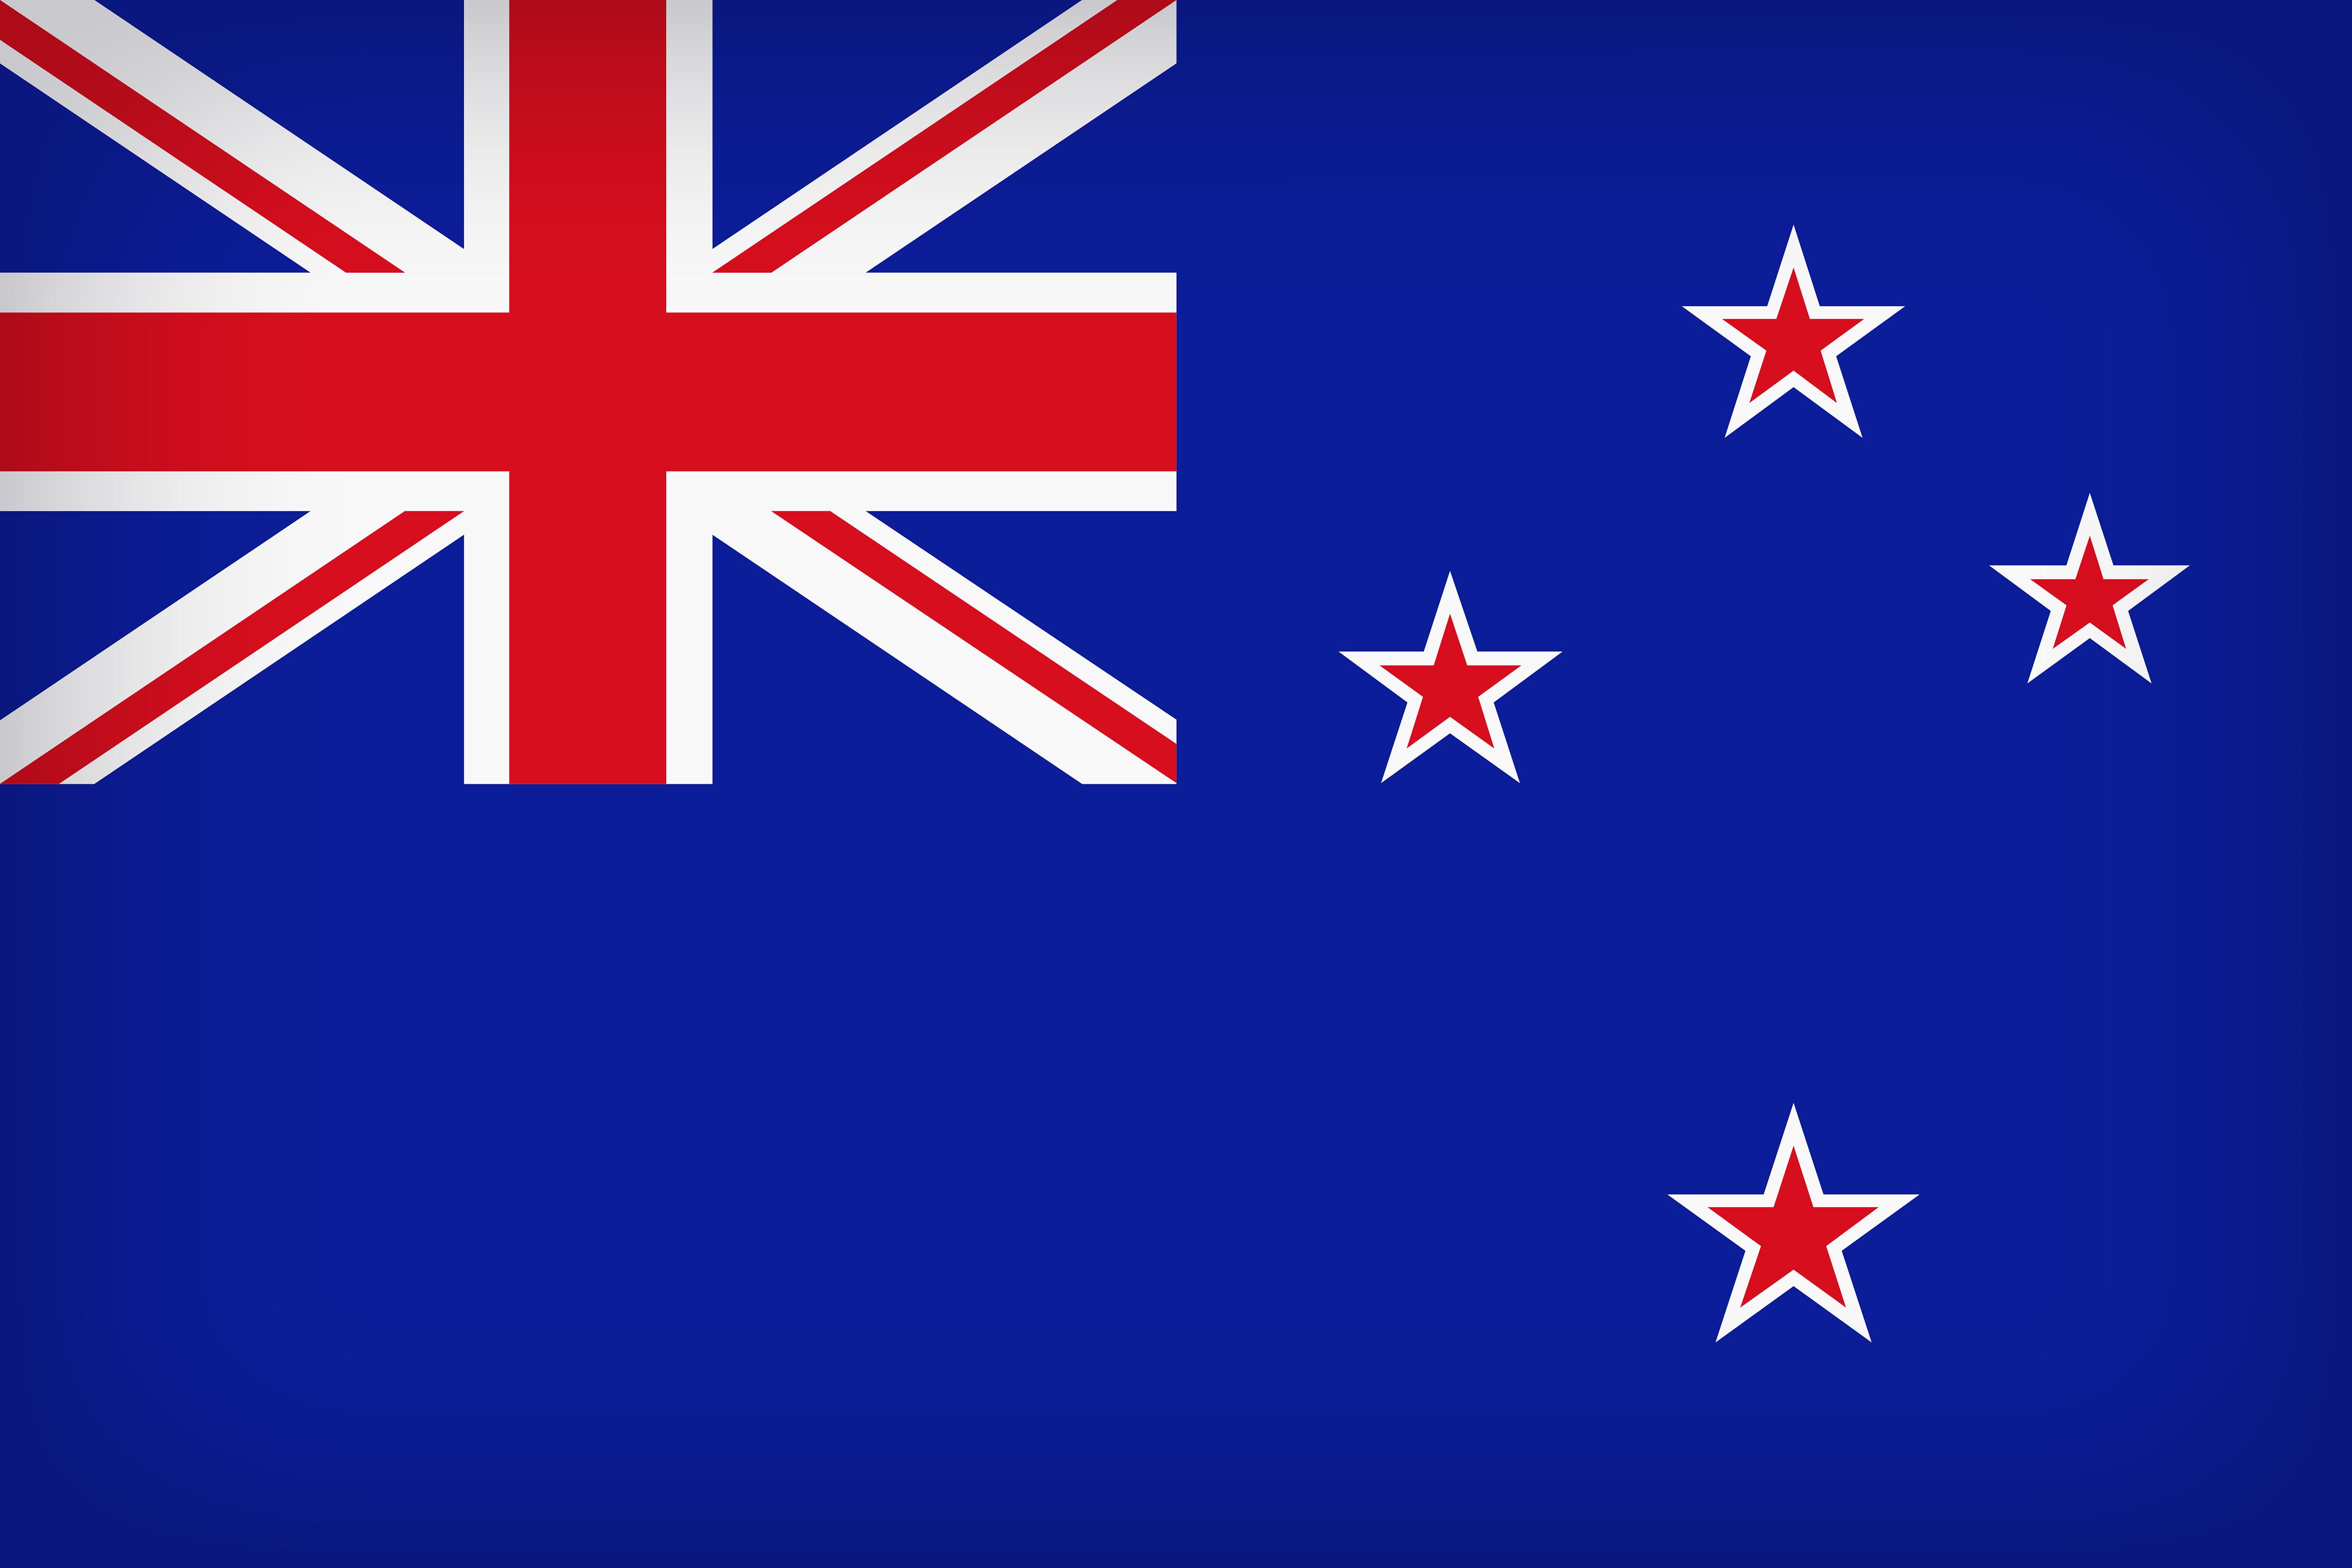 New Zealand Large Flag.